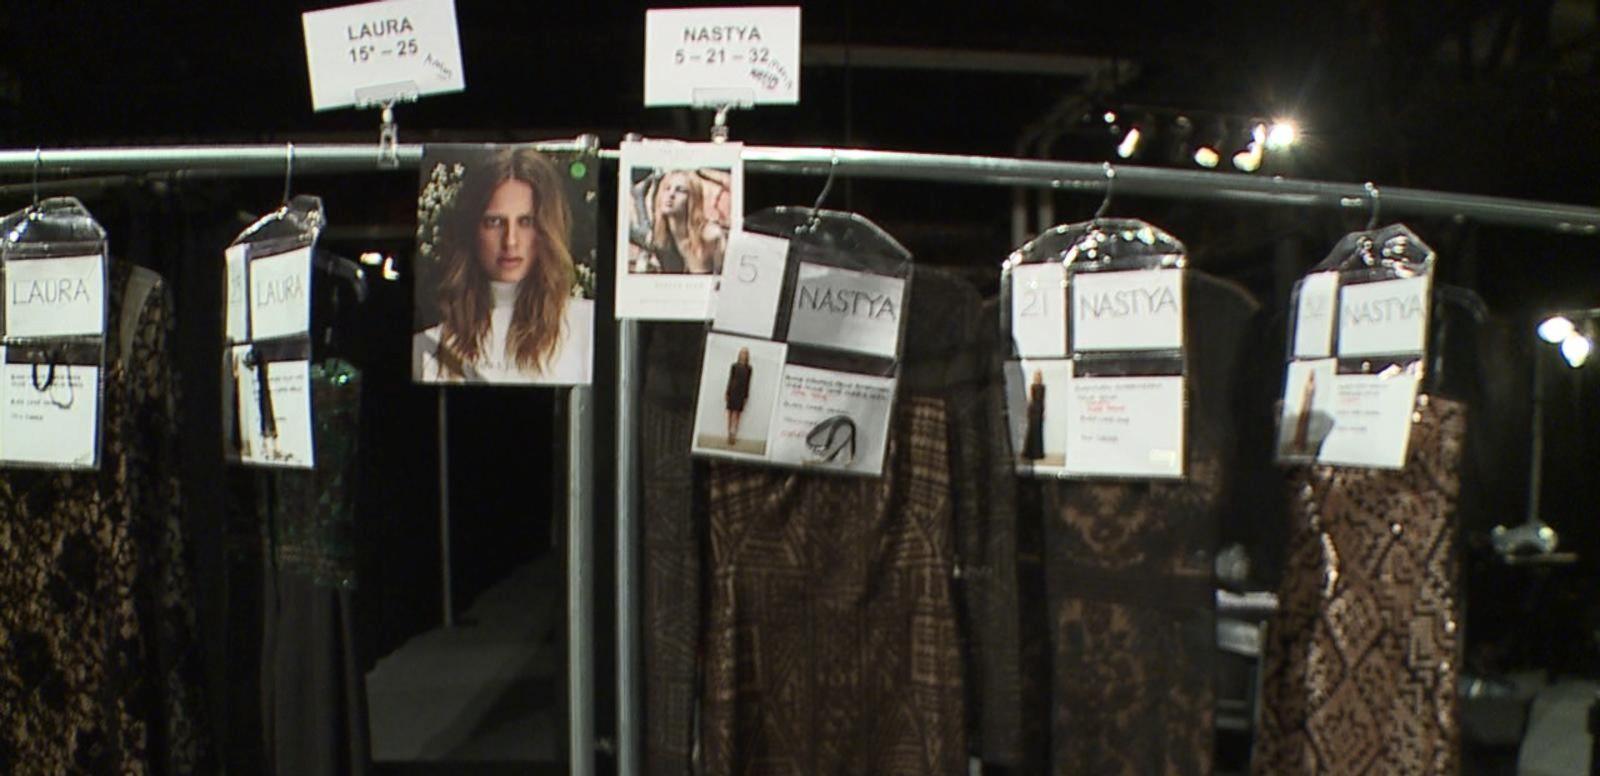 VIDEO: Backstage at Tadashi Shoji